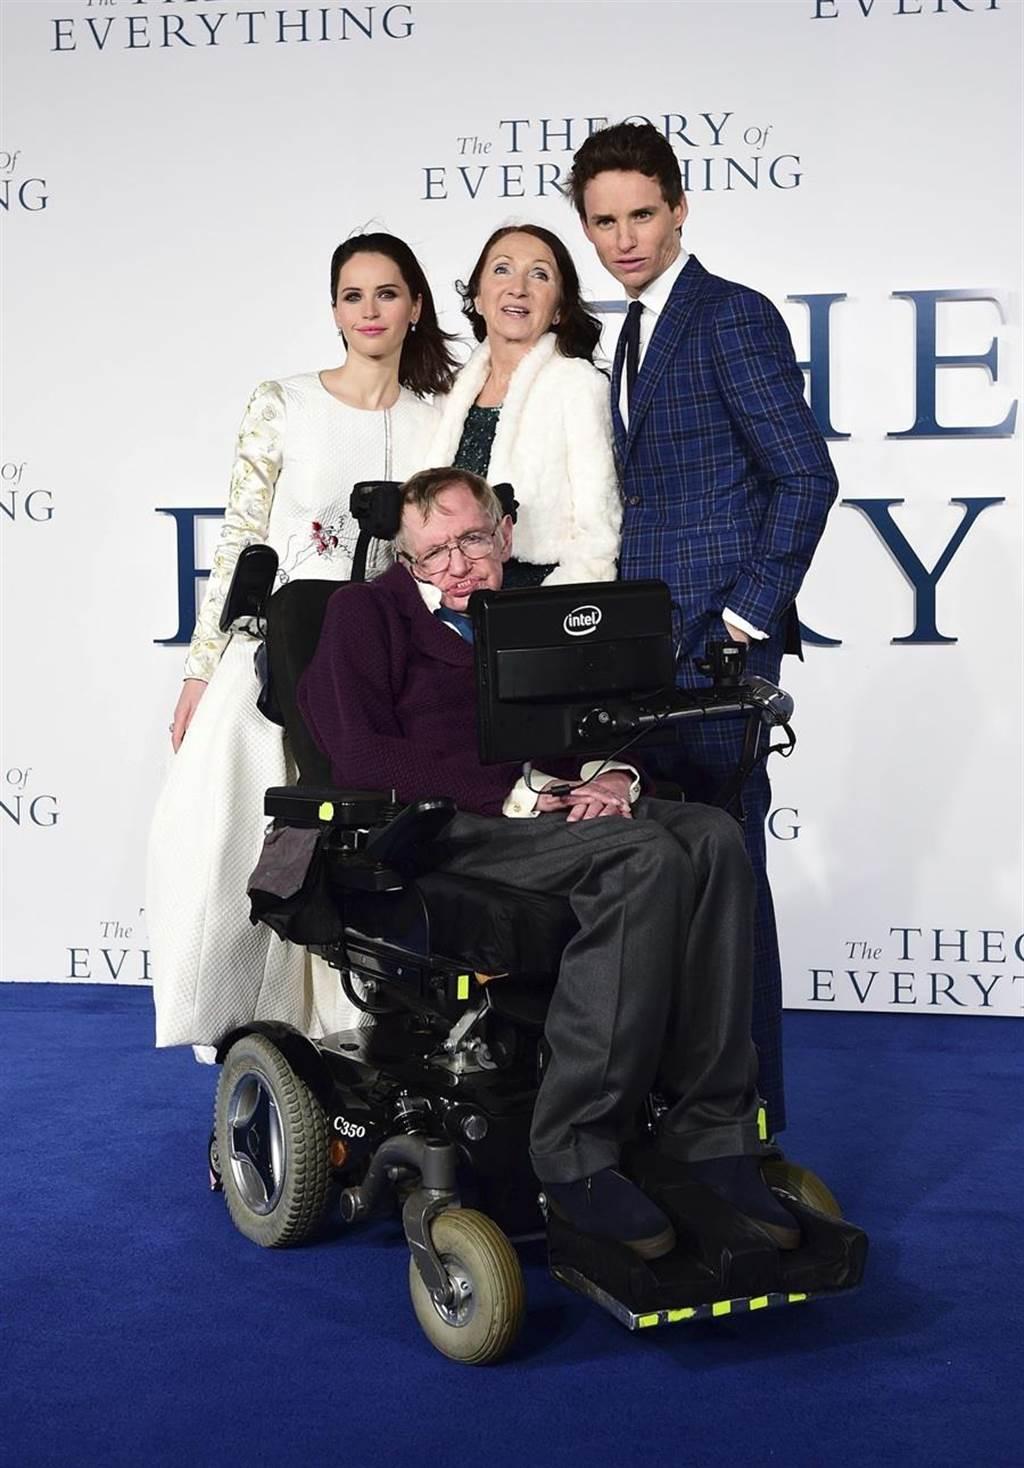 愛的萬物論於2014年上映,圖為飾演霍金與潔恩霍金的演員艾迪瑞德曼、費莉絲蒂瓊斯與本尊一同參與倫敦首映。(圖/美聯社)